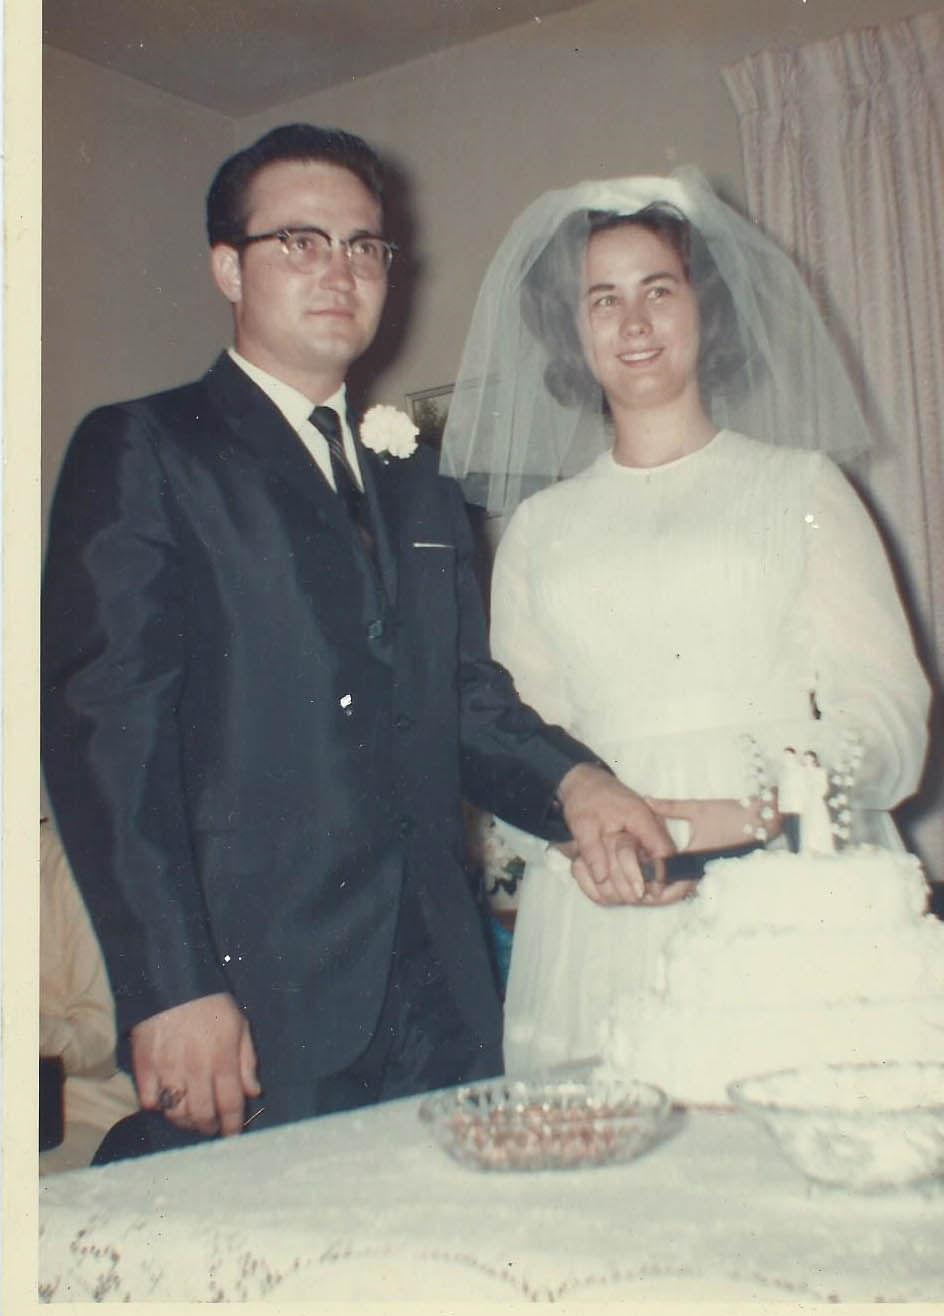 1965 Cooper wedding.jpg